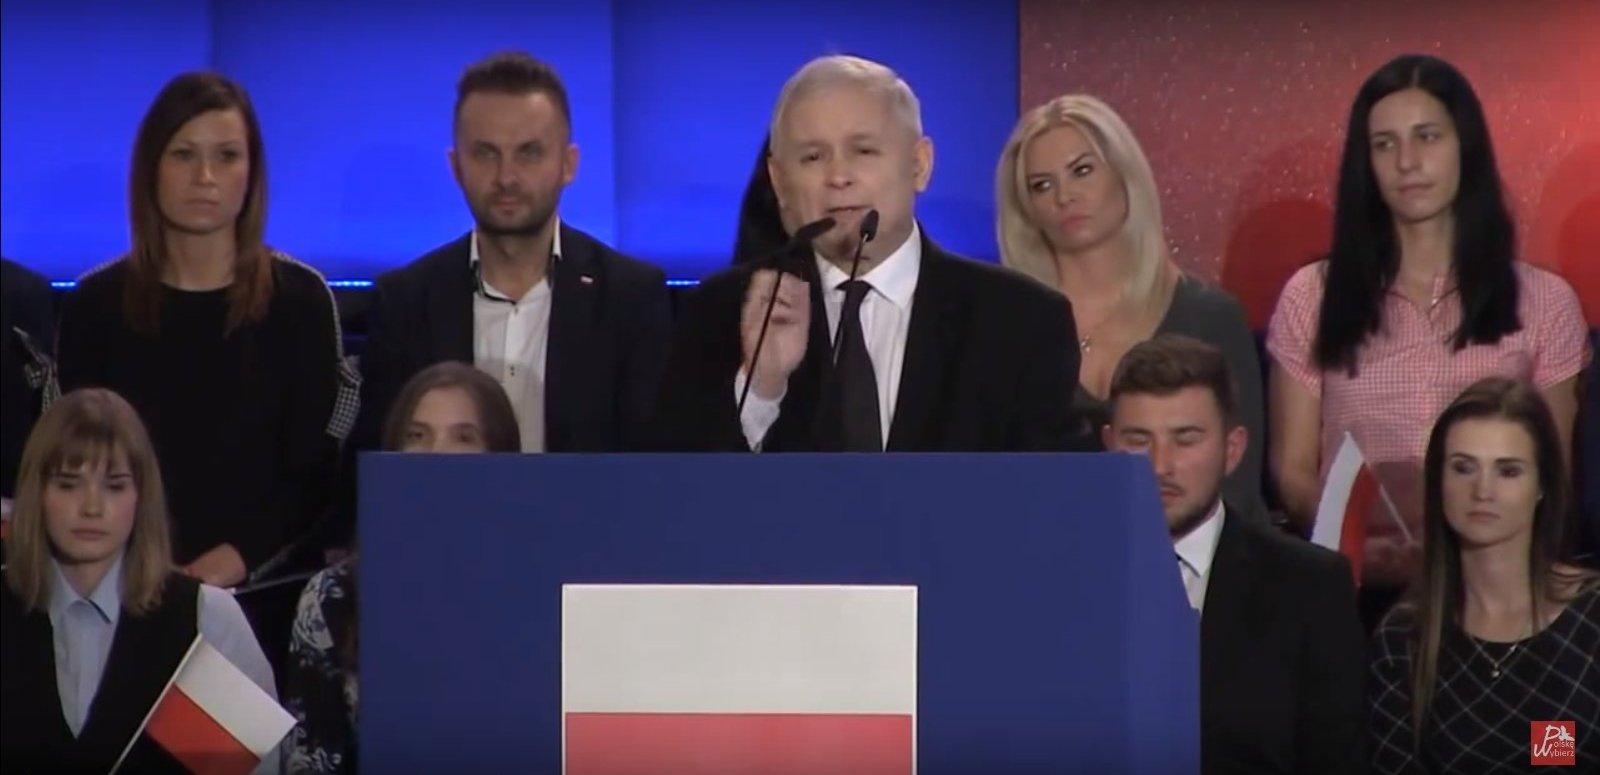 propolski.pl: Sondaż IBRiS: Hołownia bije na głowę KO. Prawo i Sprawiedliwość wciąż na prowadzeniu